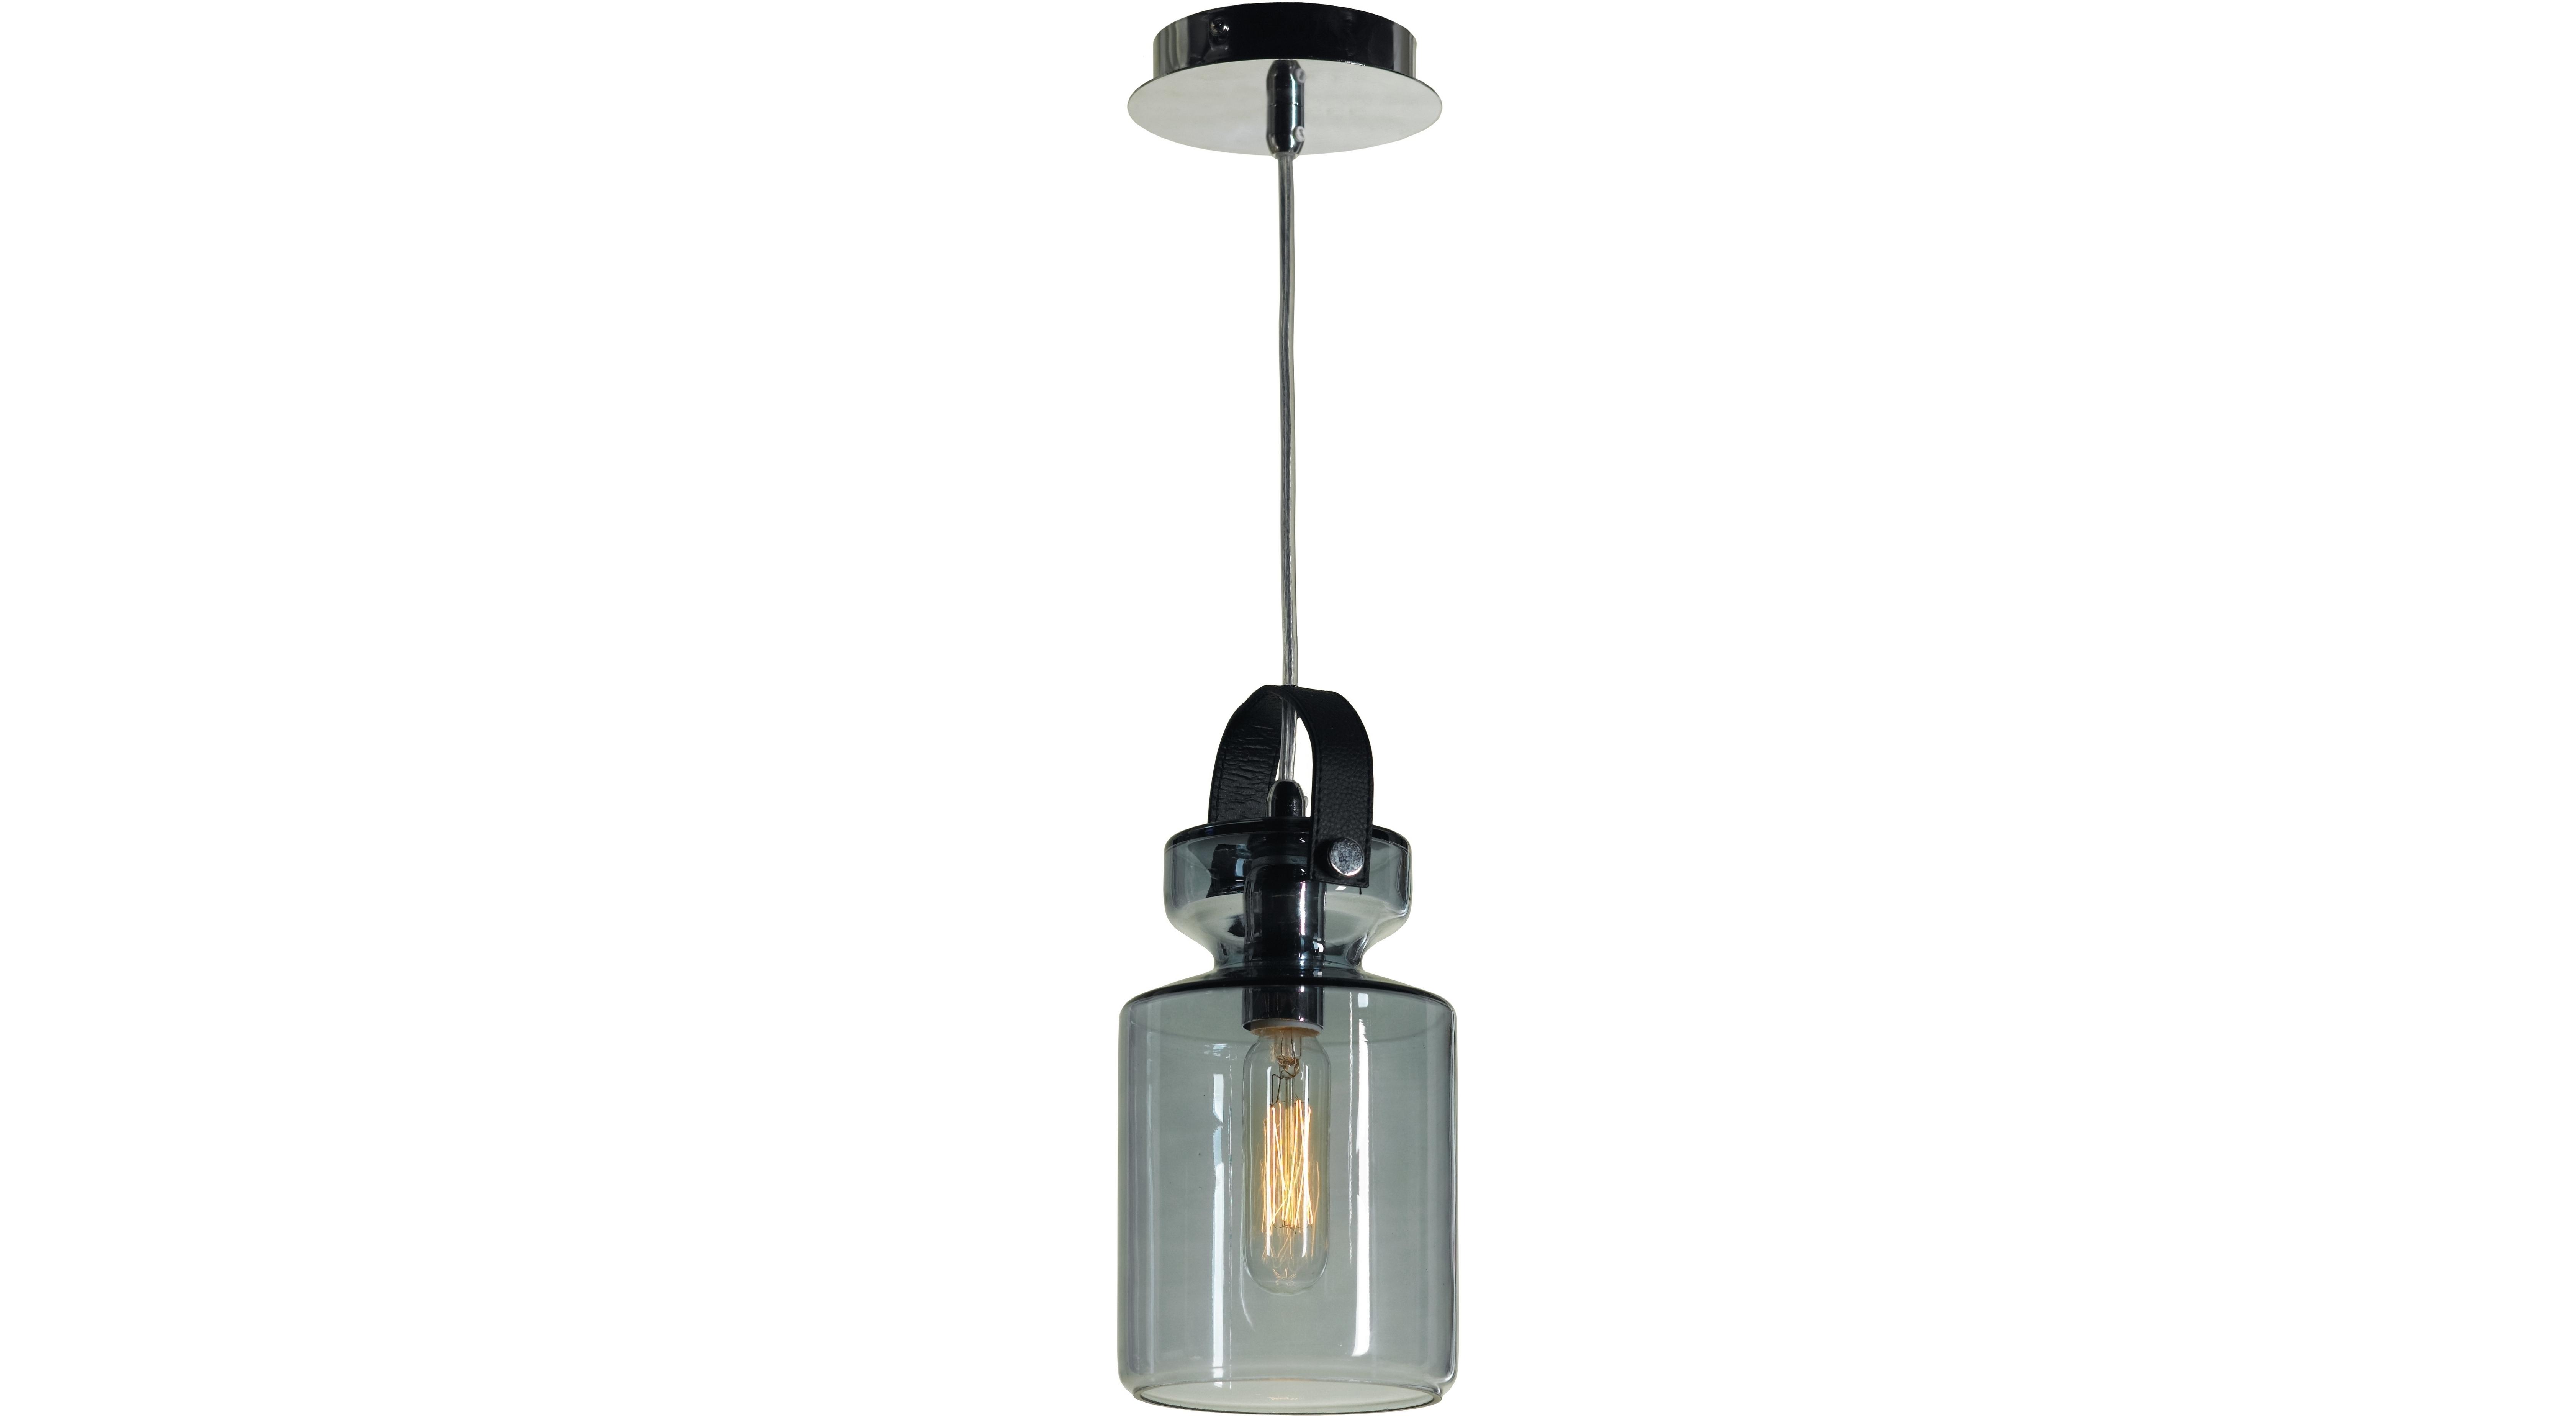 Подвесной светильникПодвесные светильники<br>Материал: металл<br>Лампа: 1*40W<br>Цоколь: E14<br>Цвет: хром, голубое стекло<br><br>Material: Металл<br>Высота см: 140